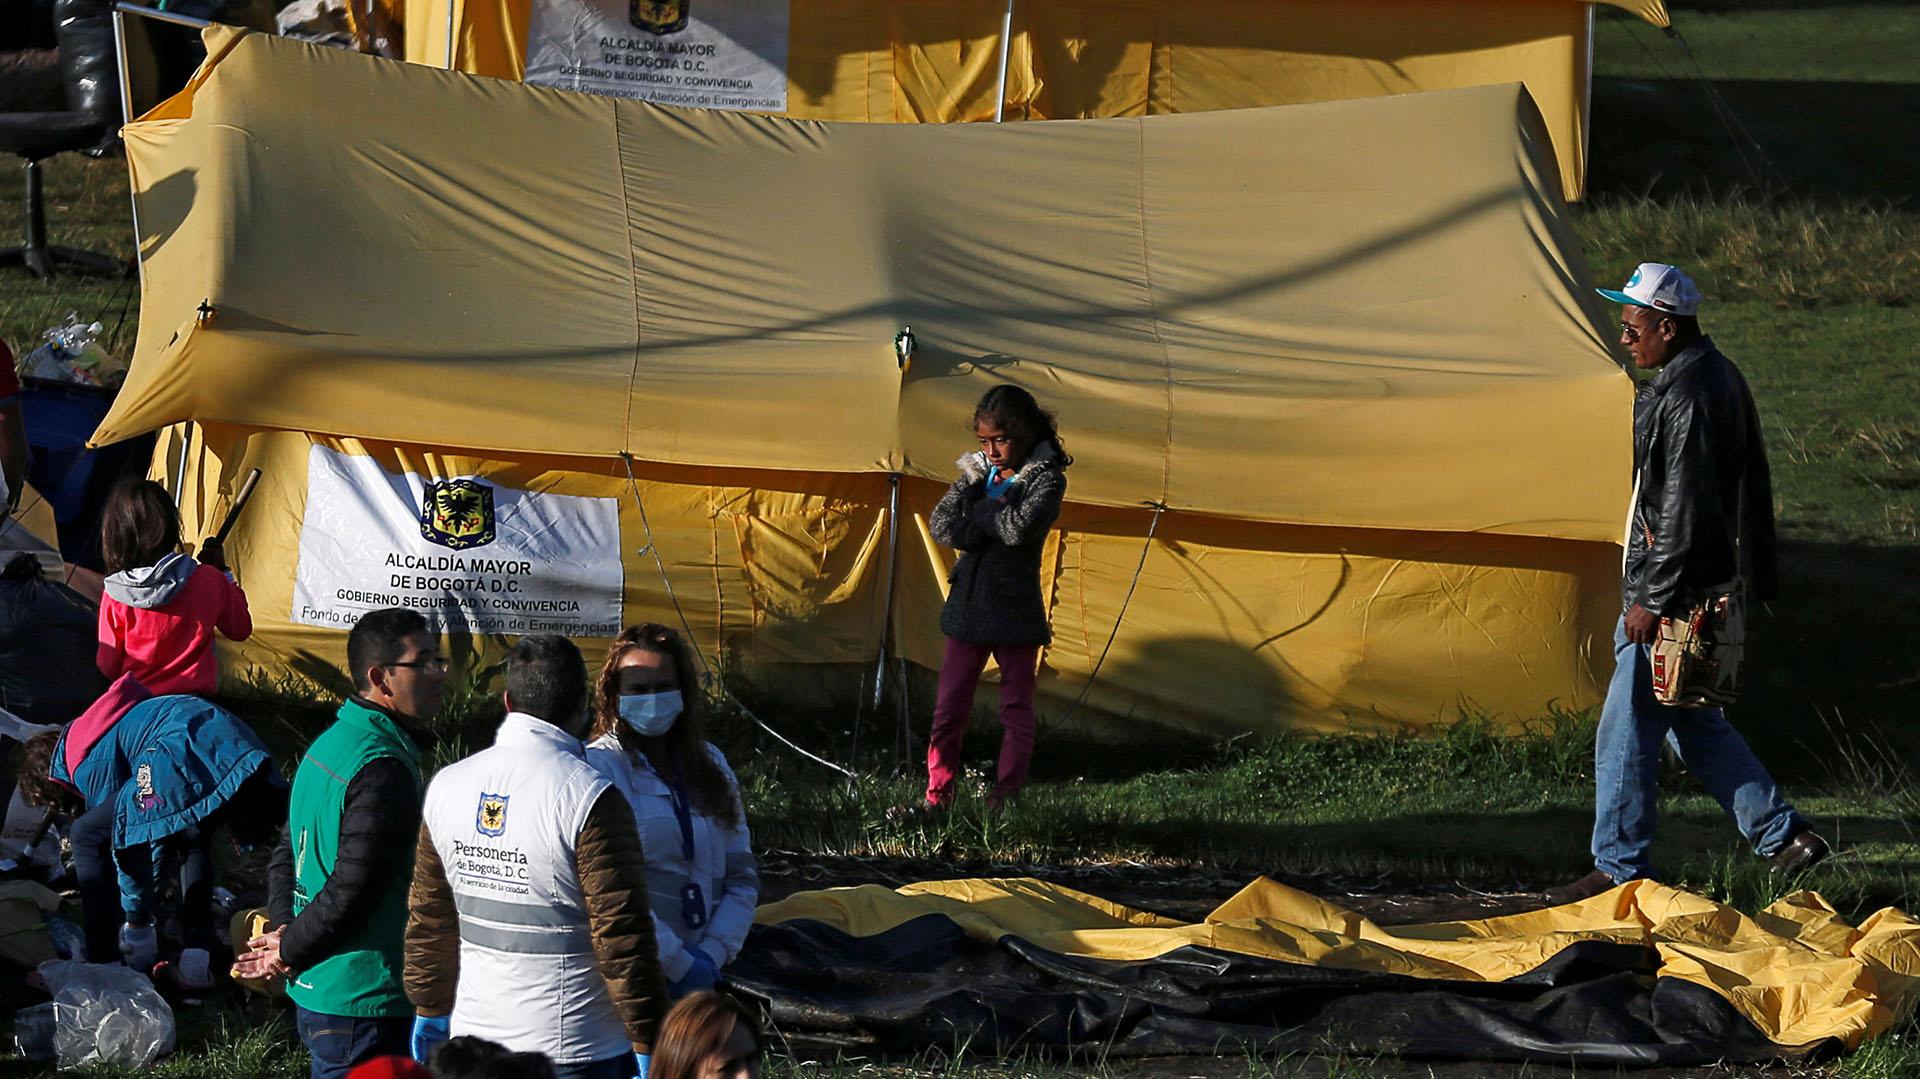 En el operativo de desalojo participaron un total de 230 funcionarios municipales (REUTERS/Luisa Gonzalez)